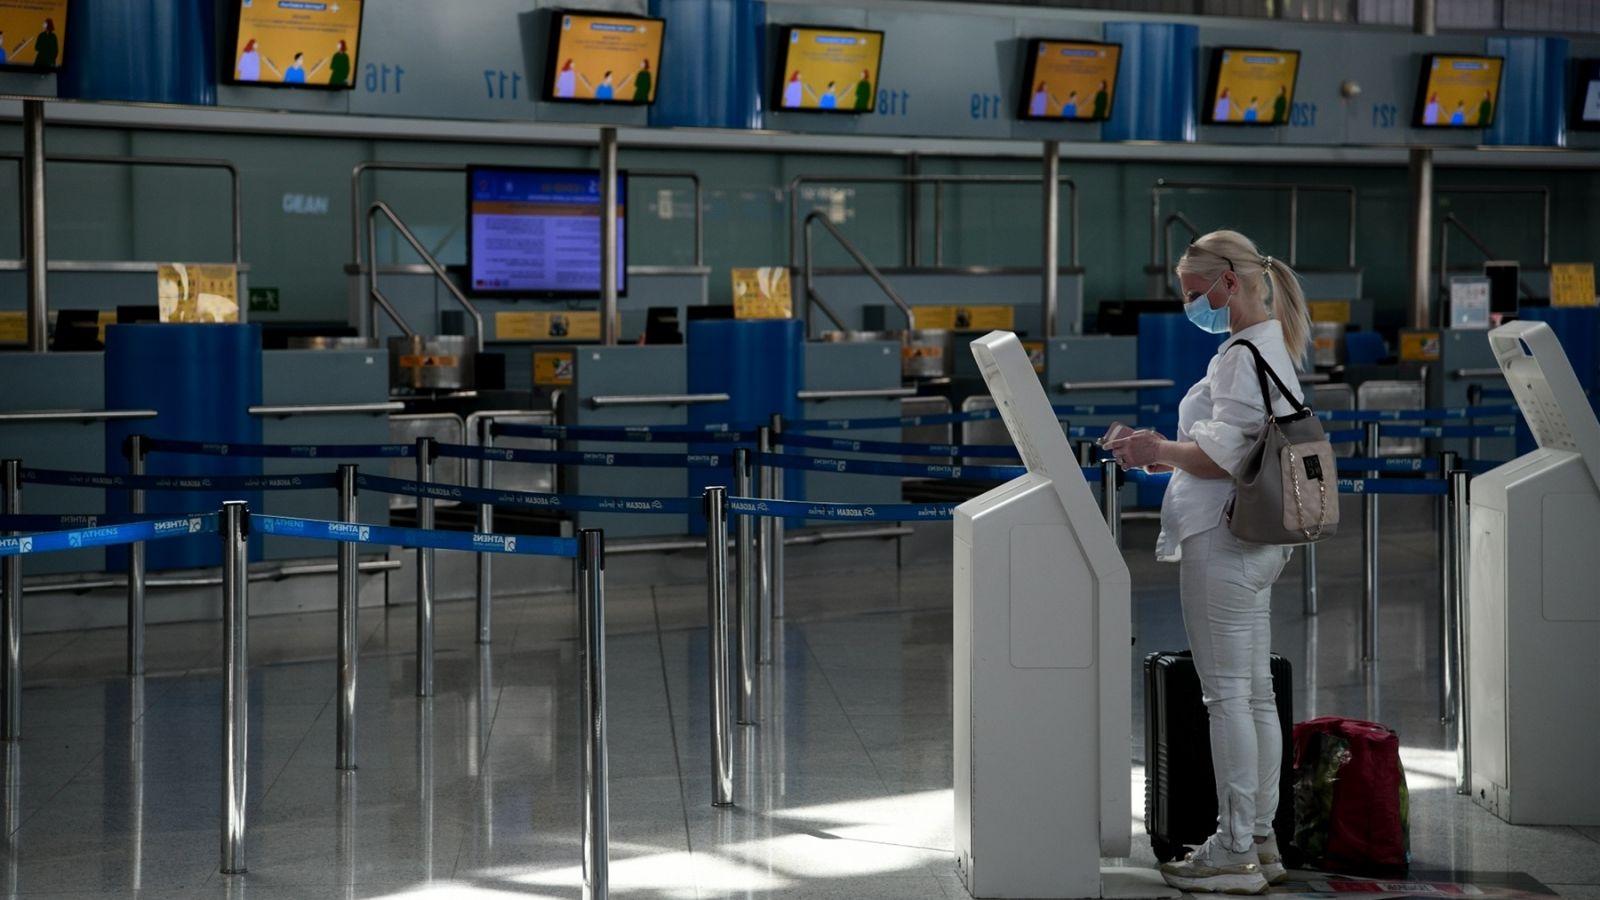 Τουρισμός: Η Ελλάδα υποδέχεται σήμερα τους πρώτους τουρίστες – Τα μέτρα – Ποιες χώρες εξαιρούνται